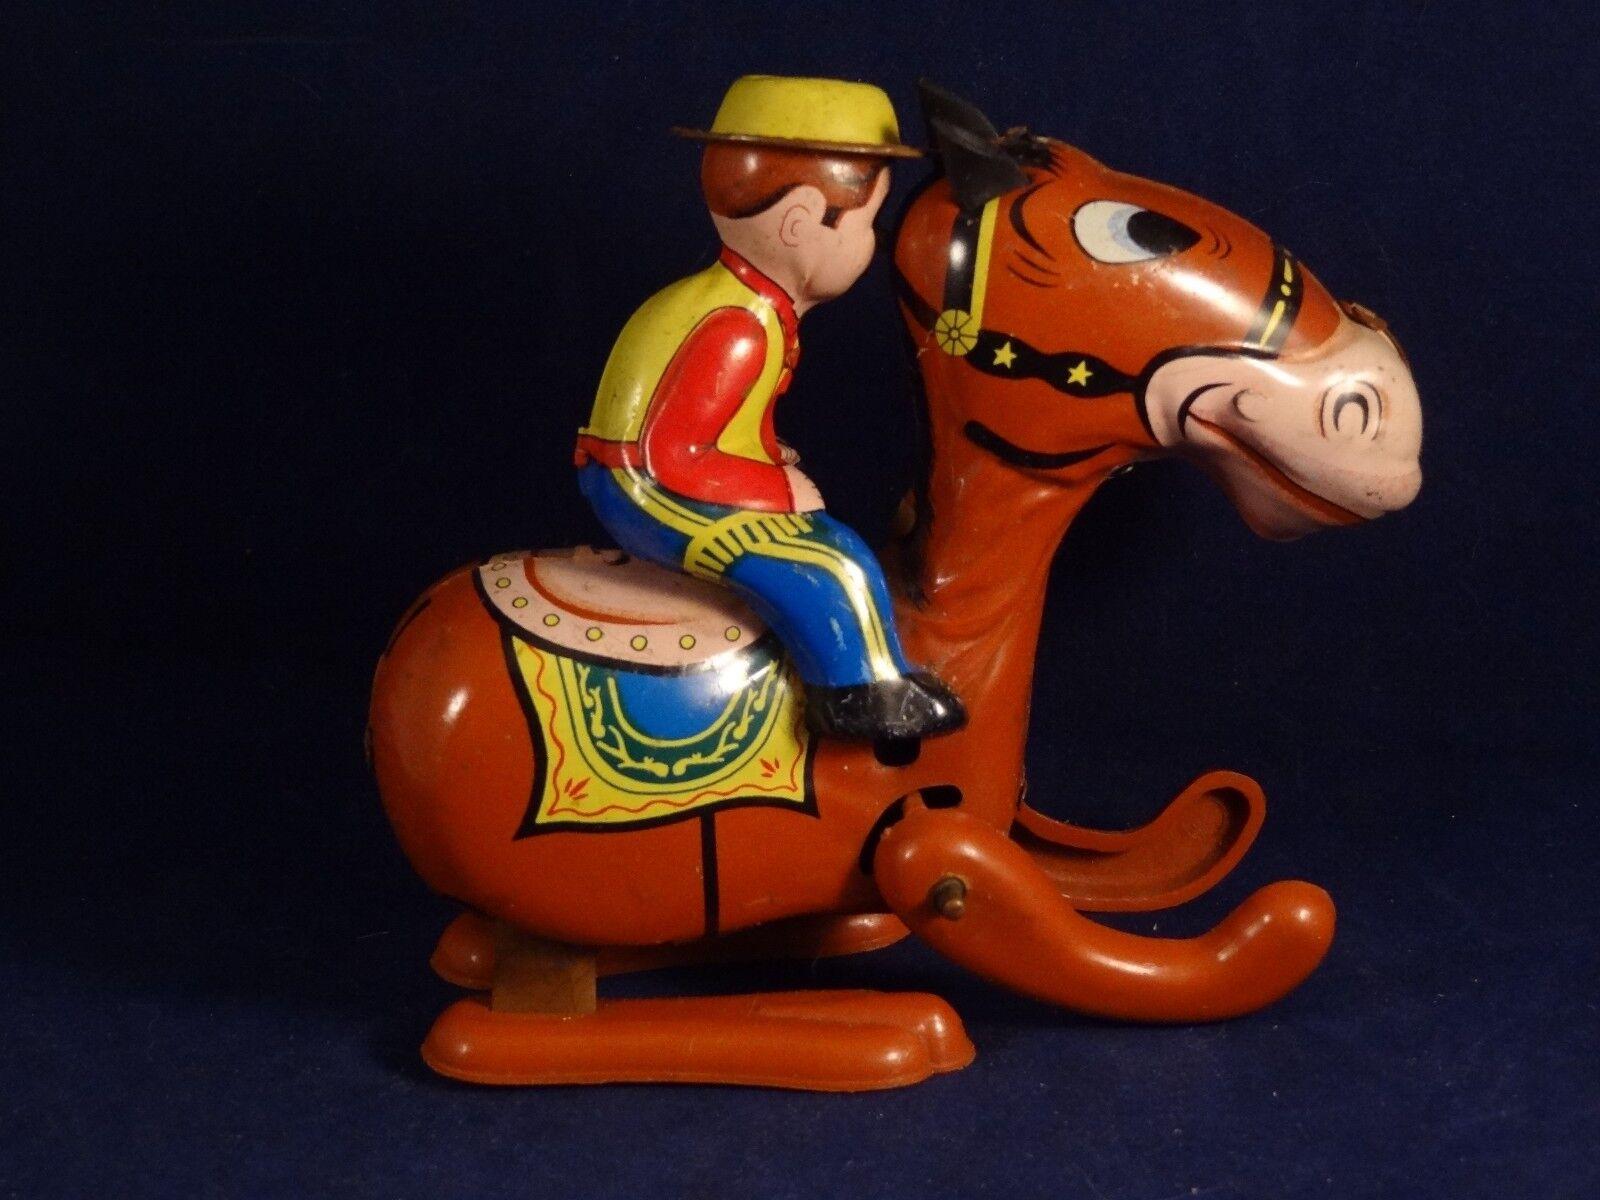 Carnaval de Noël, Noël, Noël, bonne offre à Noël Ancien jouet mécanique cavalier cow-boy cheval tôle lithographiée Mikuni 1960 78e453